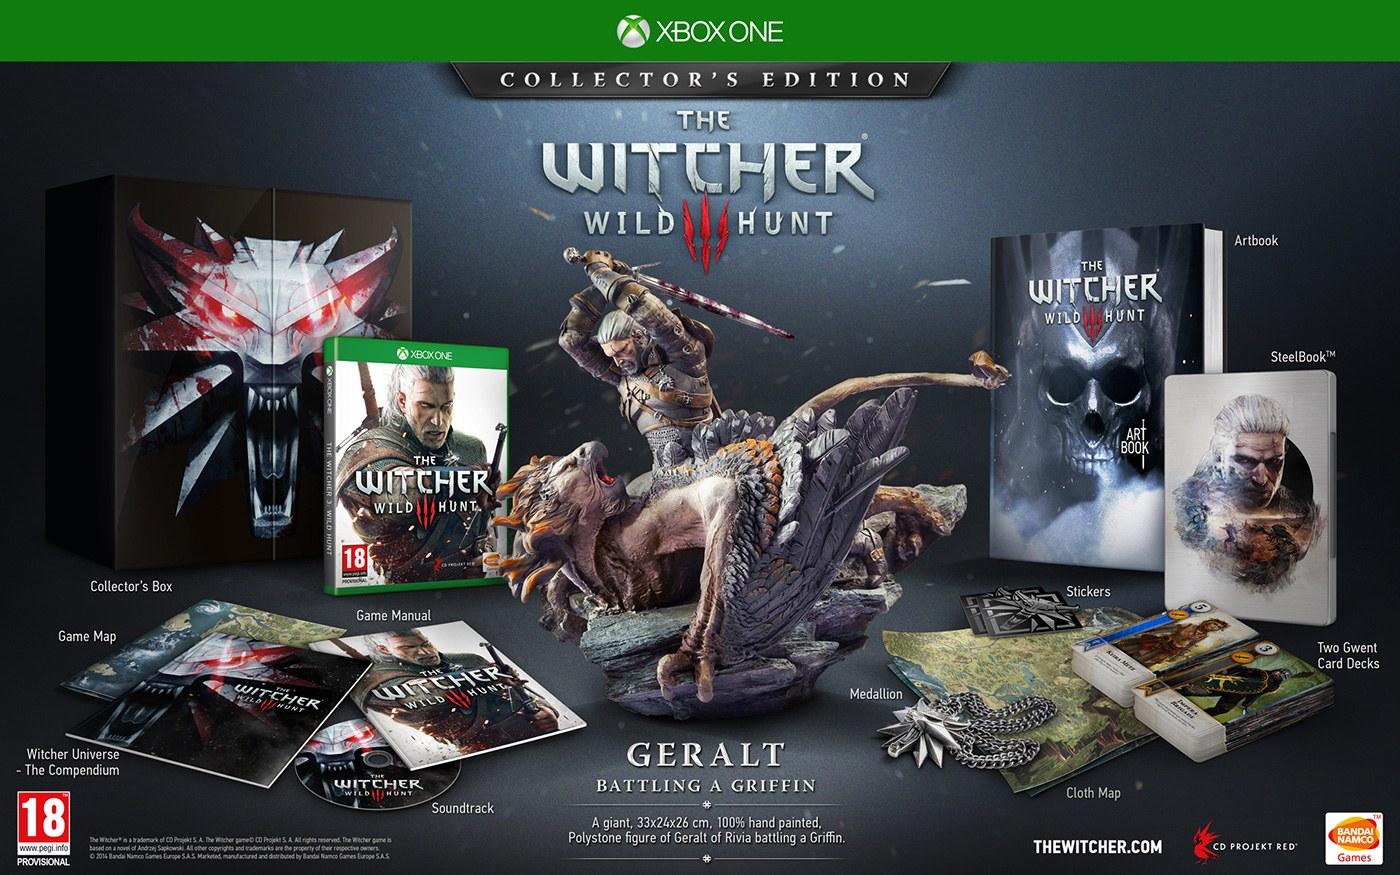 La edición coleccionista de The Witcher 3 se amplía en Xbox One